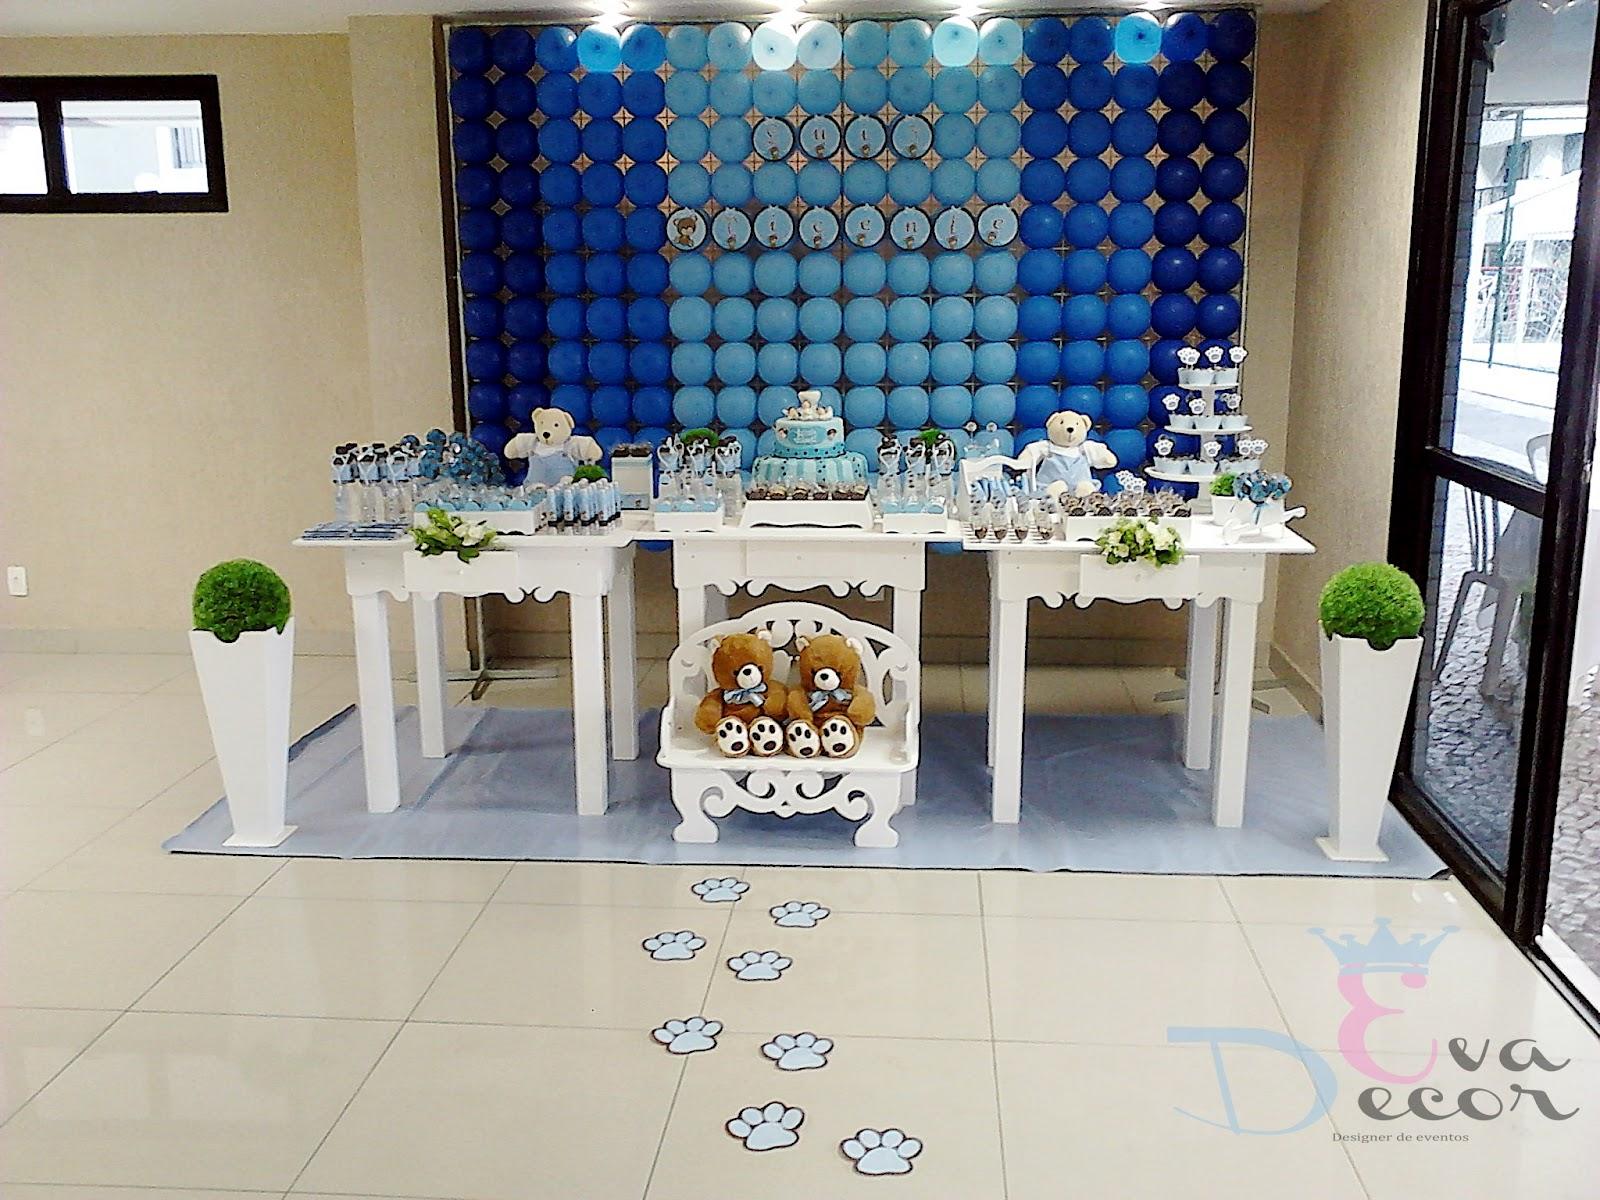 EVA DECOR: Decoração Ursos Marrom e Azul #143471 1600x1200 Banheiro Azul E Marrom